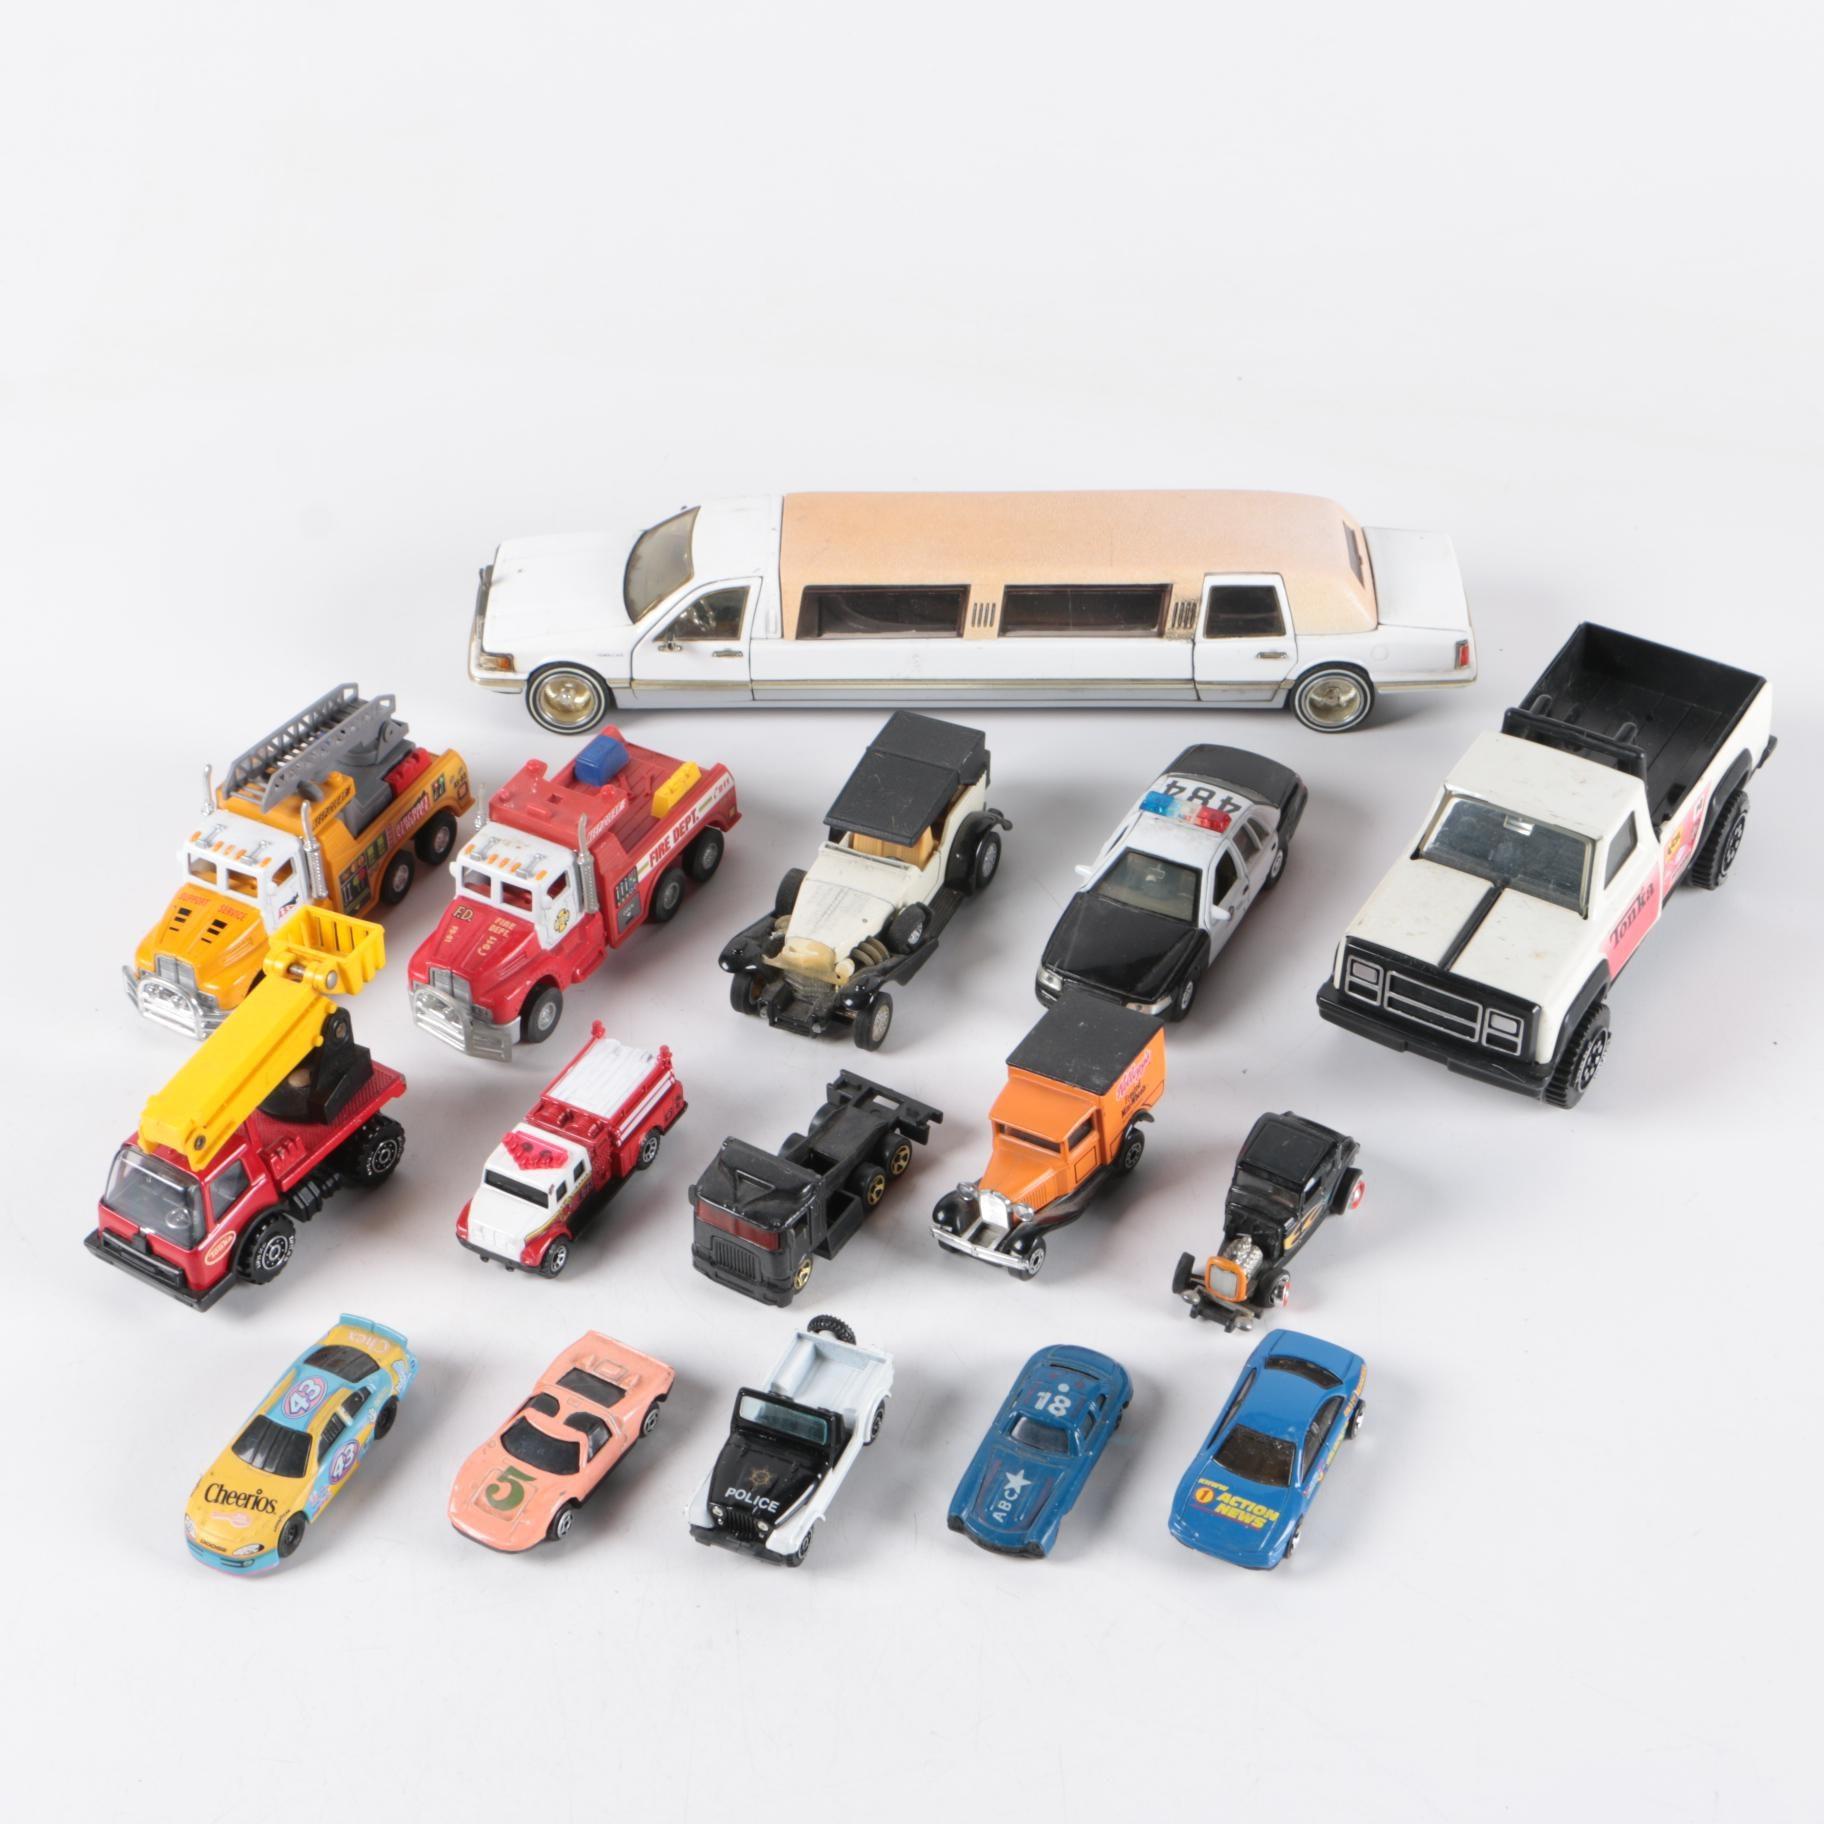 Miniature Scale Replica Die-Cast Cars